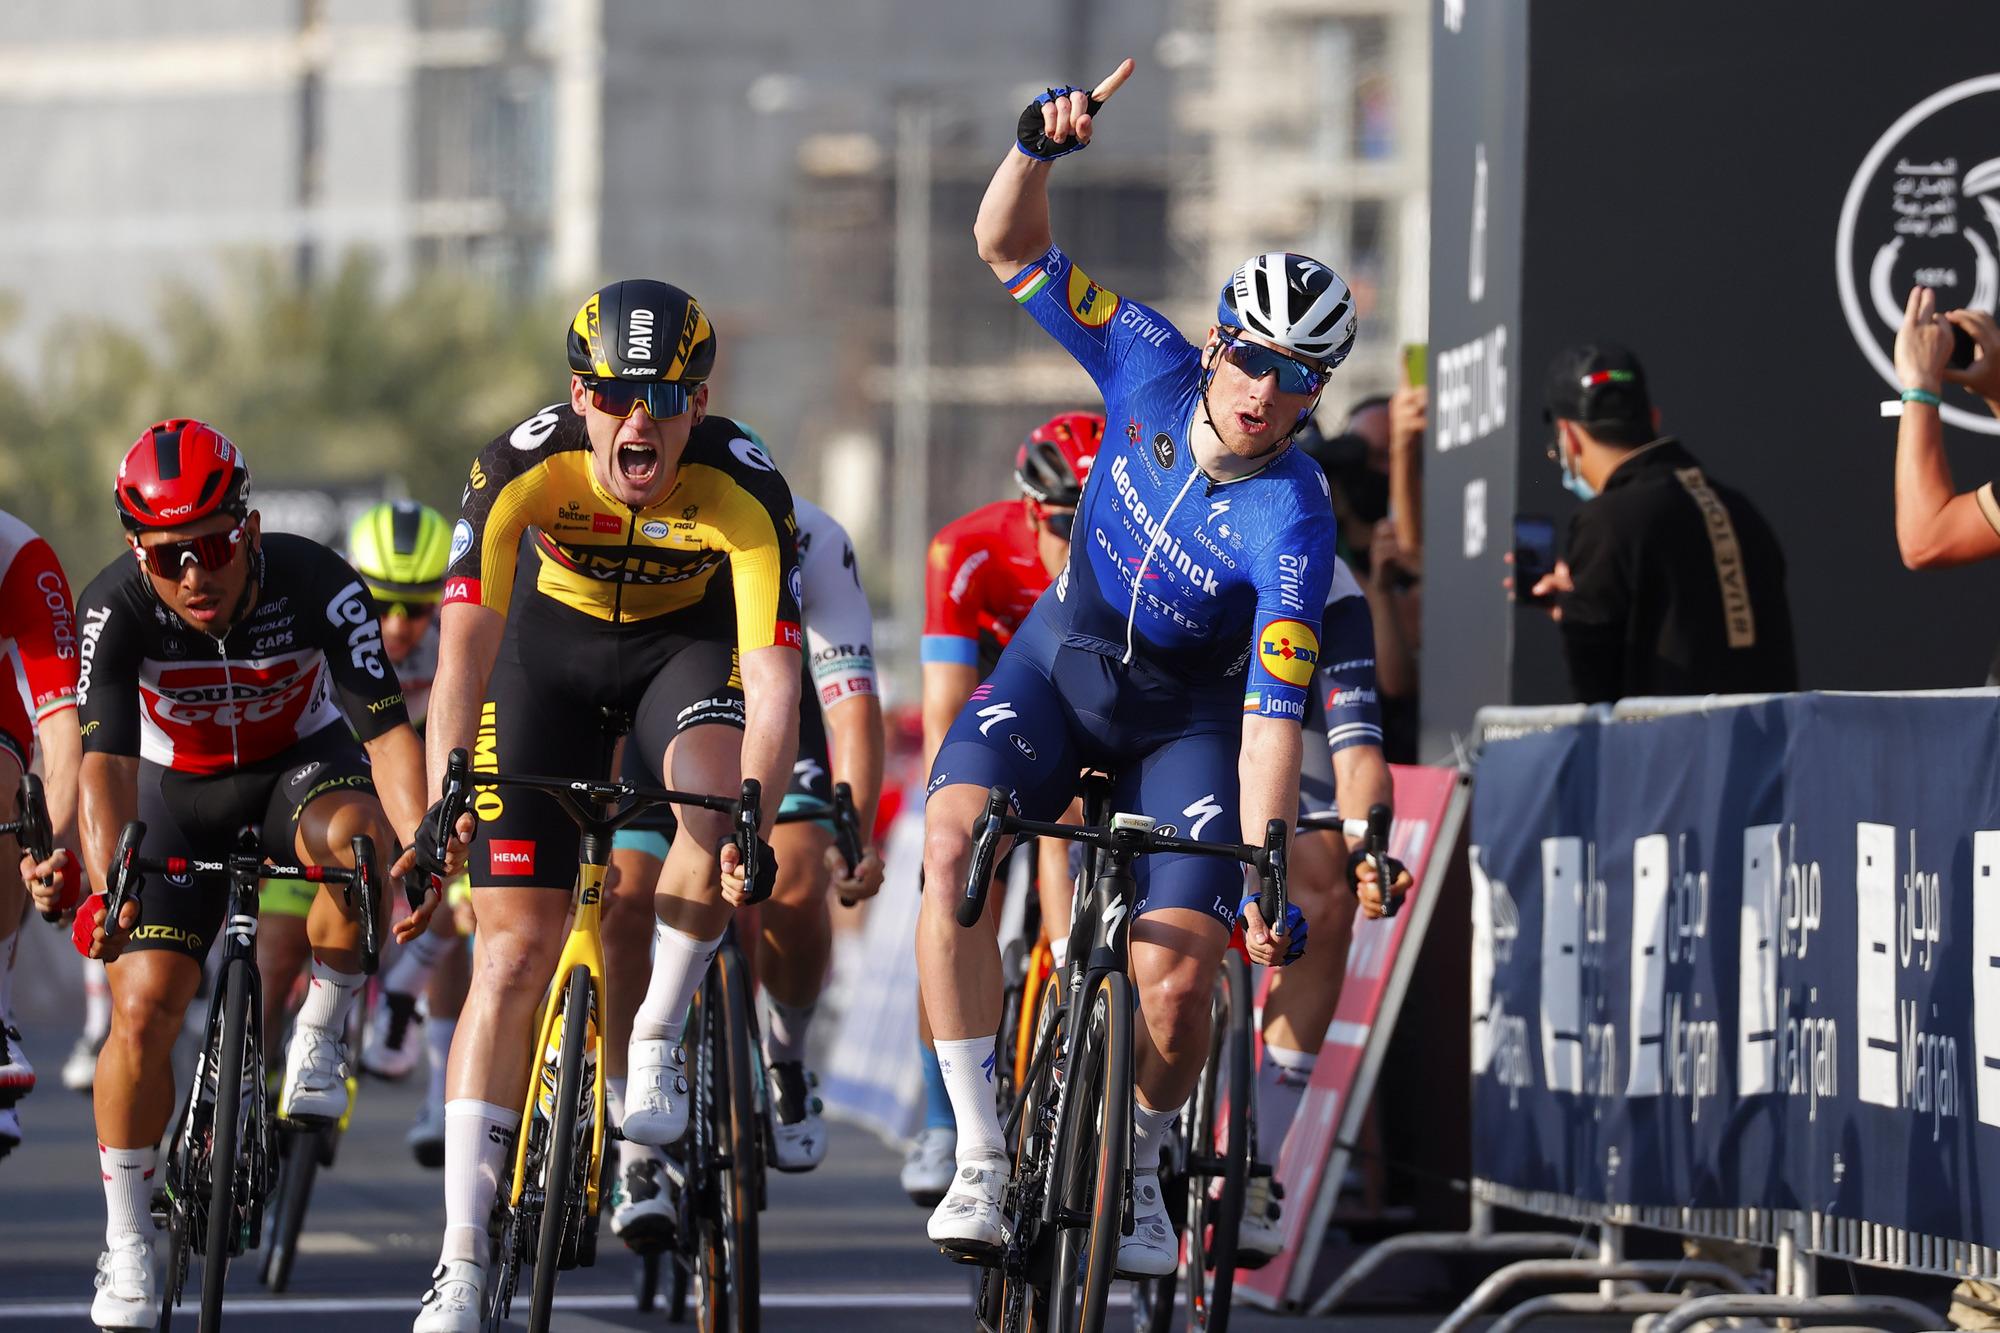 Sam Bennett (Deceuninck-QuickStep) managed to hold off an impressive David Dekker (Jumbo-Visma) in the sprint